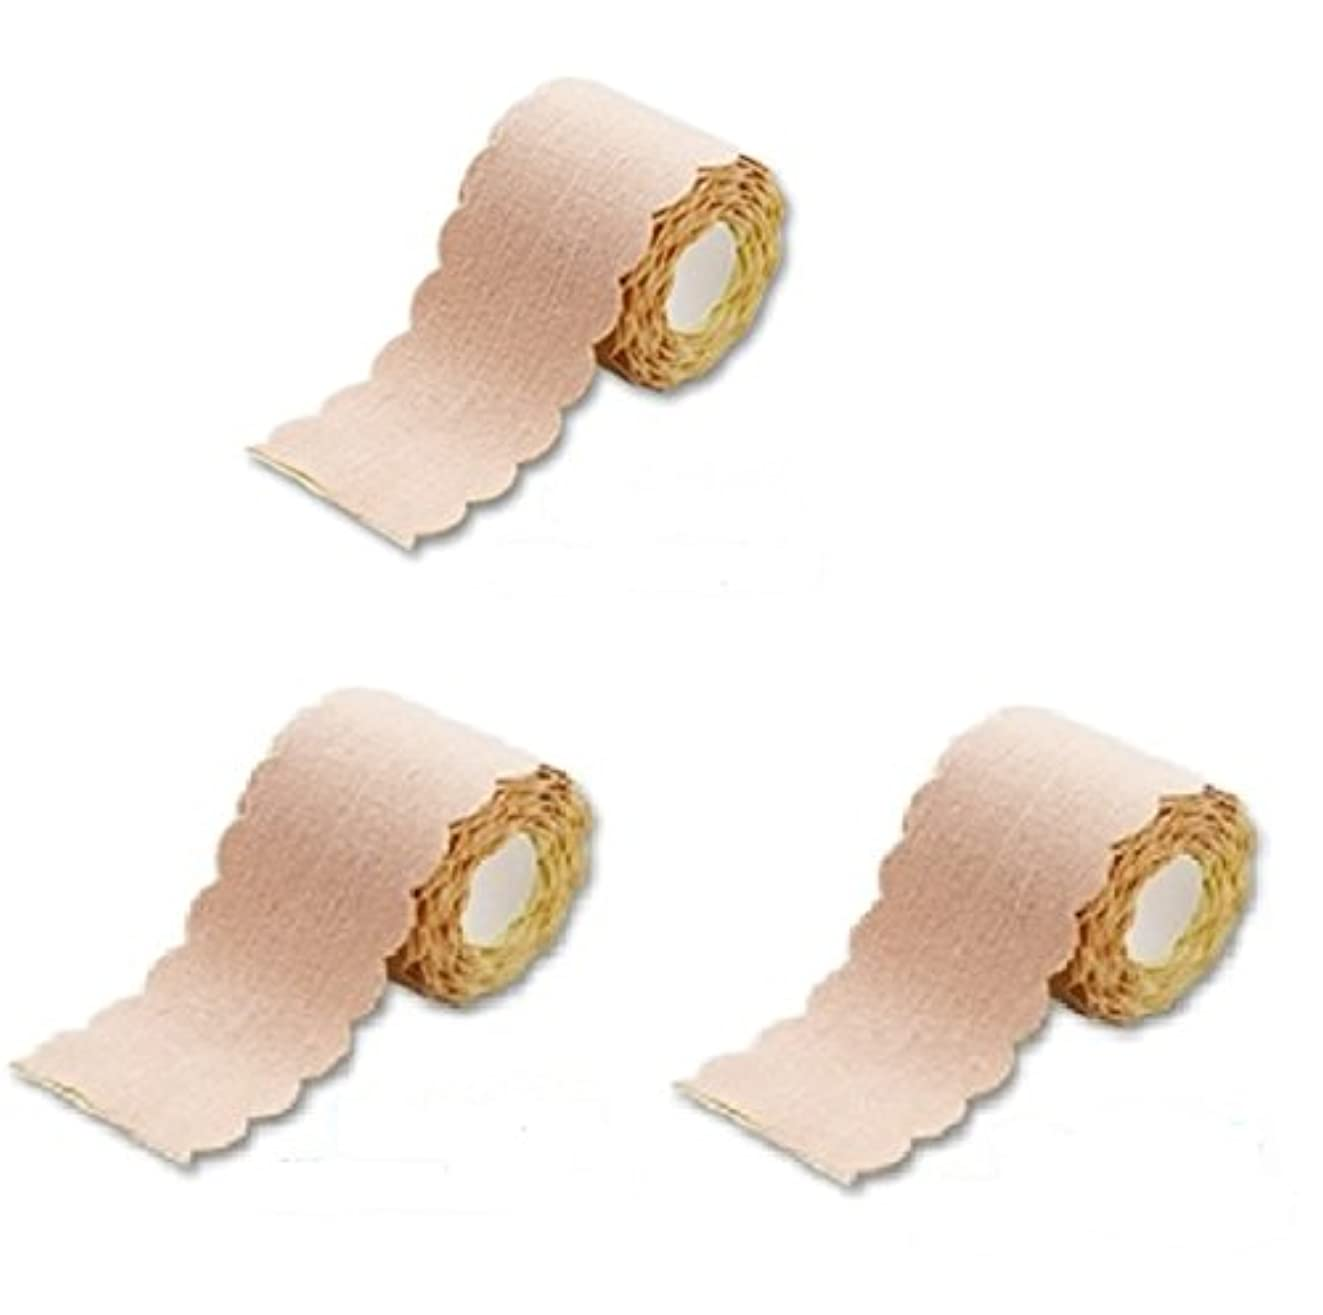 崩壊起点ファンシー直接貼るからズレない汗シート! 汗取りパッド ワキに直接貼る汗とりシート ロールタイプ 3m×3個セット (たっぷり9m 特別お得セット)まとめ割 脇汗ジミ わき汗 対策